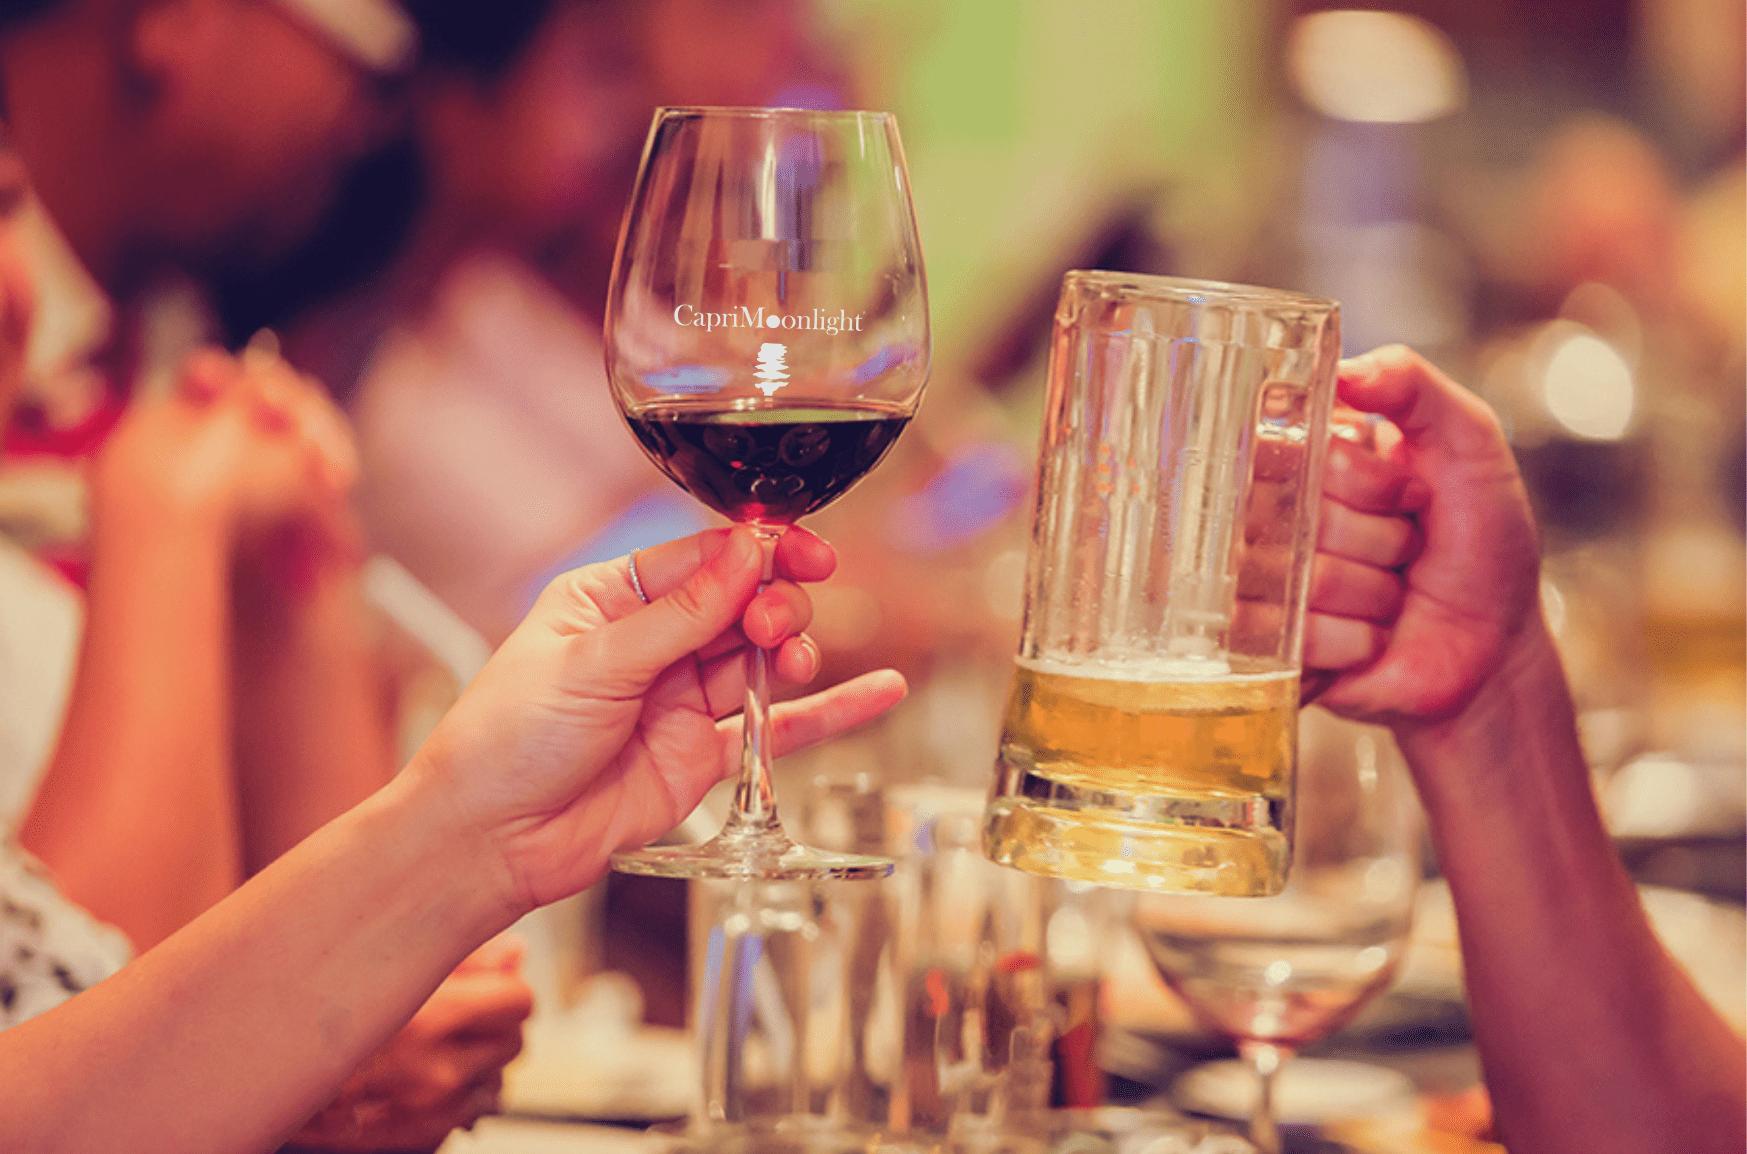 Oktober Weinfest: oltre alla birra, a Monaco si beve anche tanto vino! 🍺🍷